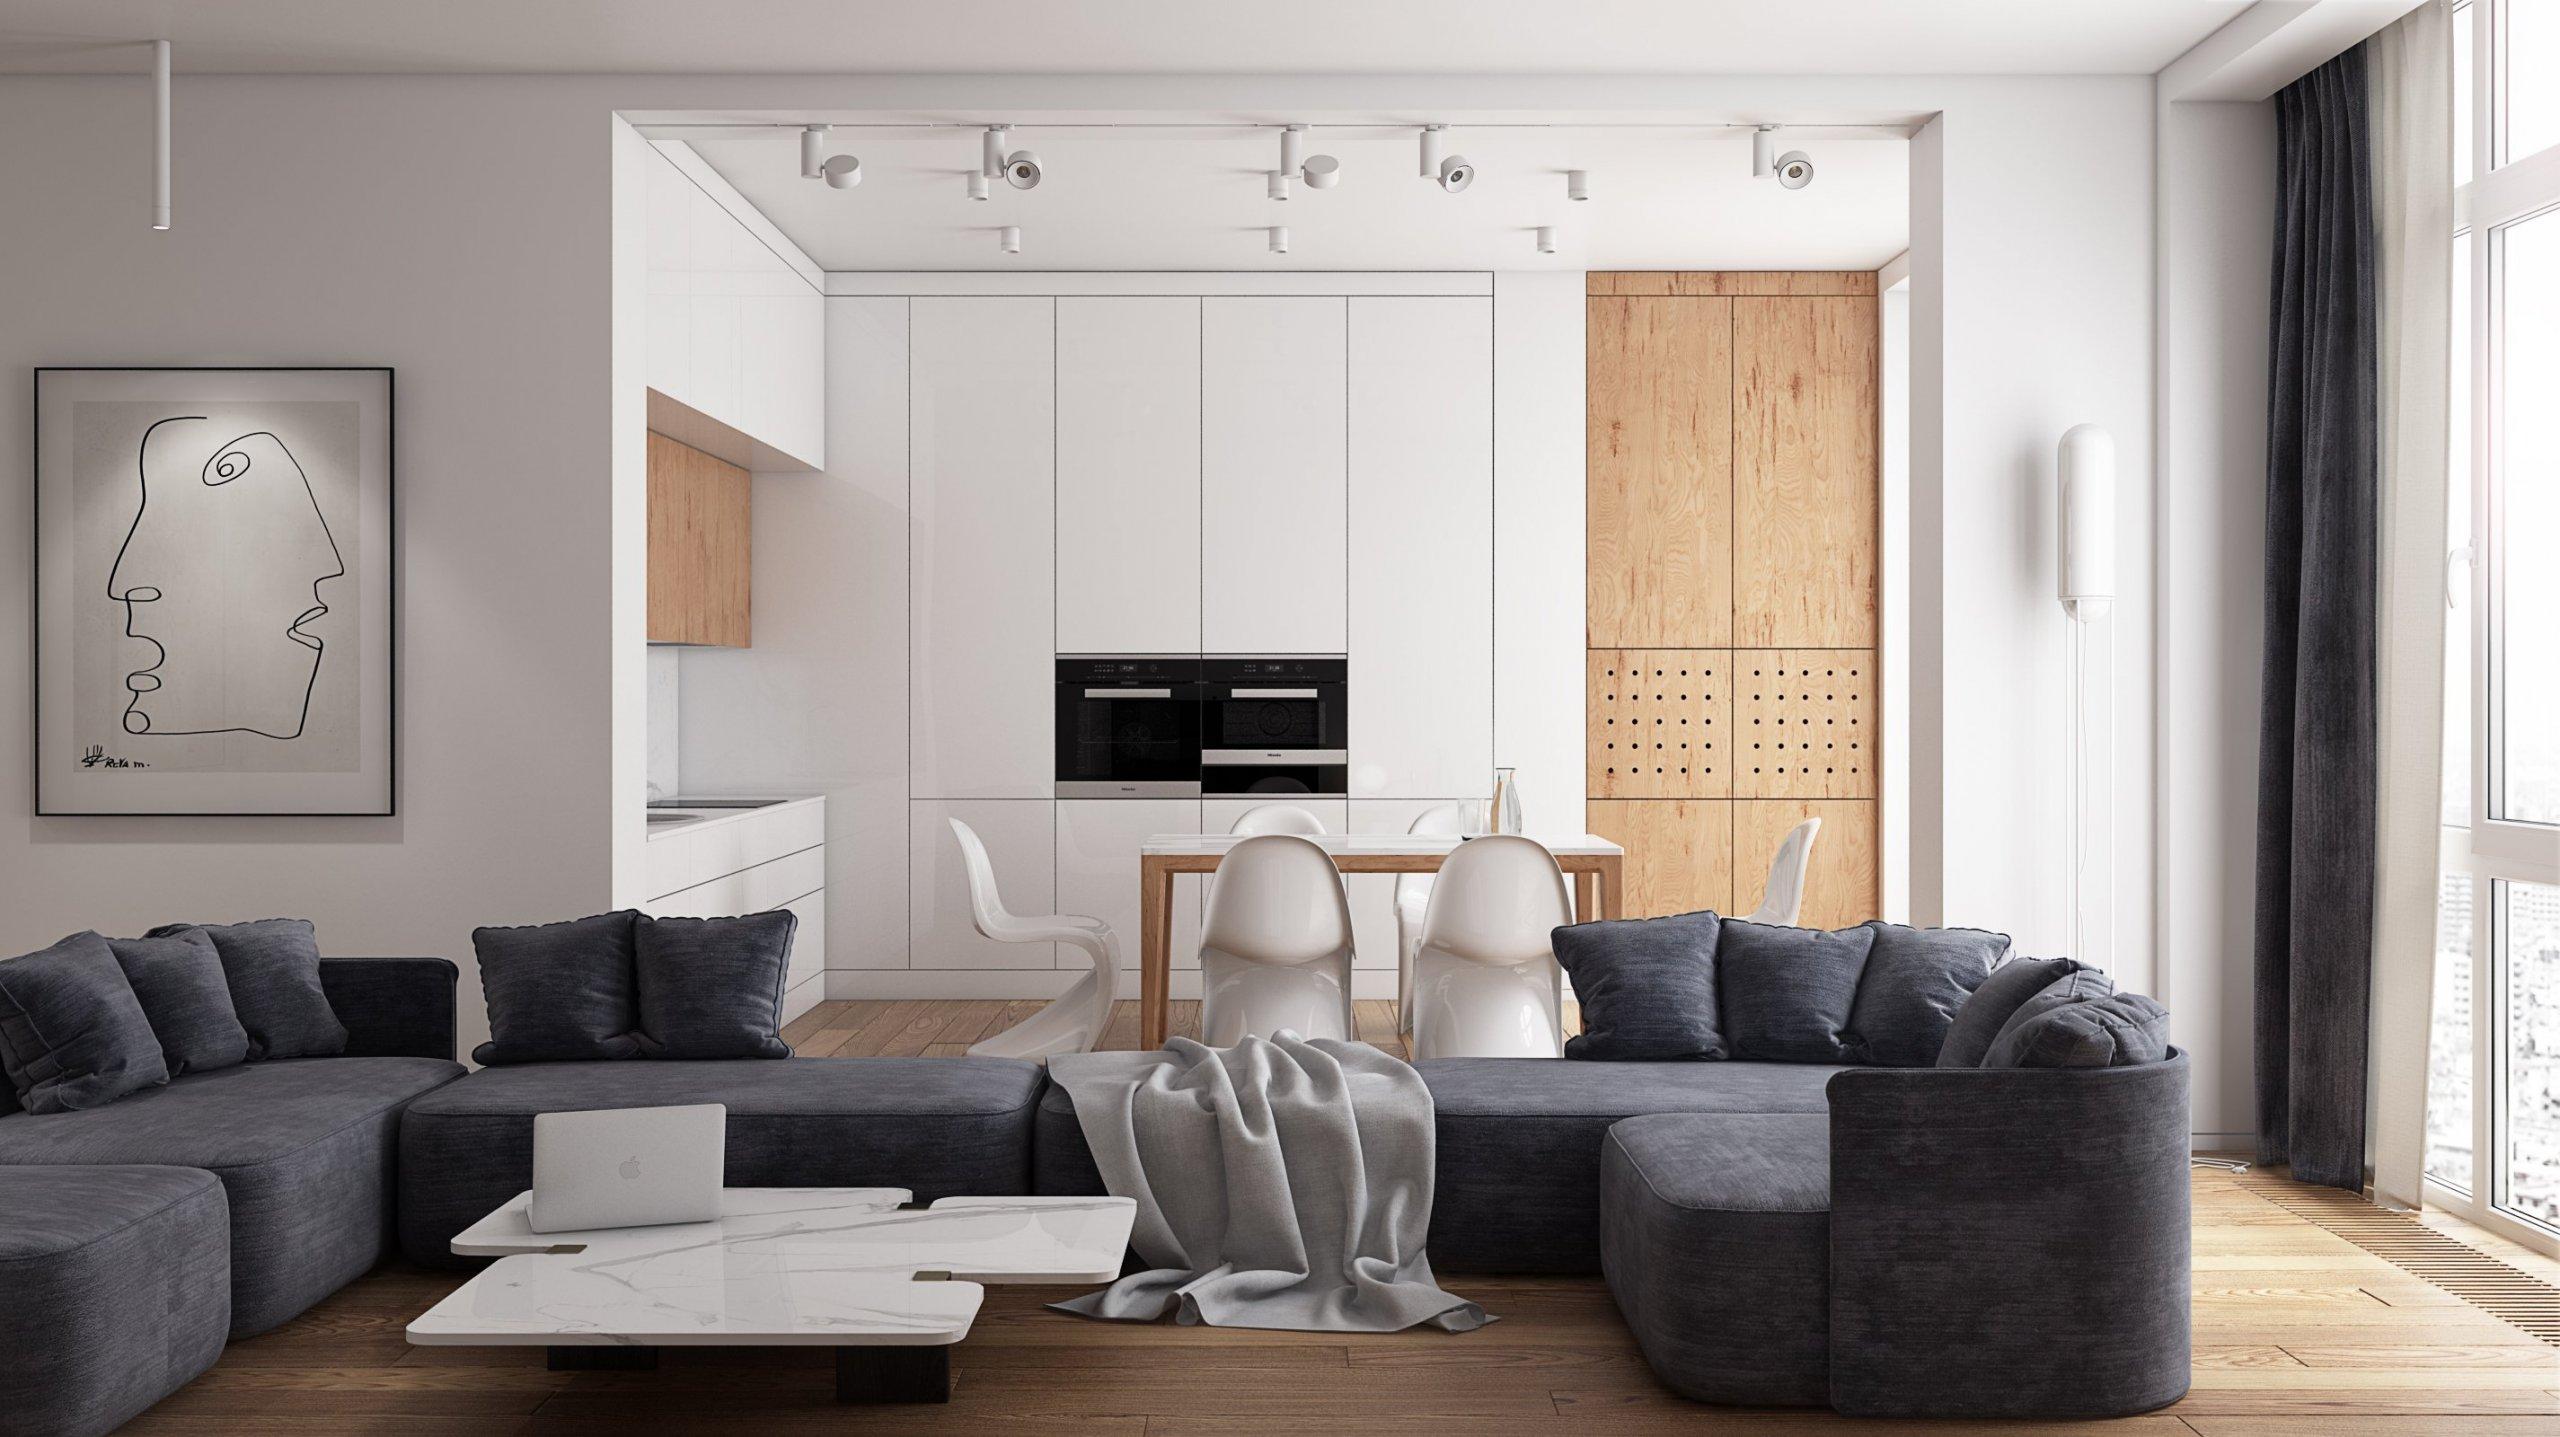 Moderní byty mohou mít mnoho podob. Dnešní doba je otevřena všem možným stylům a nezapomíná ani na jednoduchost. Jestli už jste přesyceni přílišnou zdobností a toužíte po čistém a funkčním designu, bude se vám určitě líbit tento projekt. Apartmán v čistých barvách, jednoduchých tvarech a s nadčasovým designem.